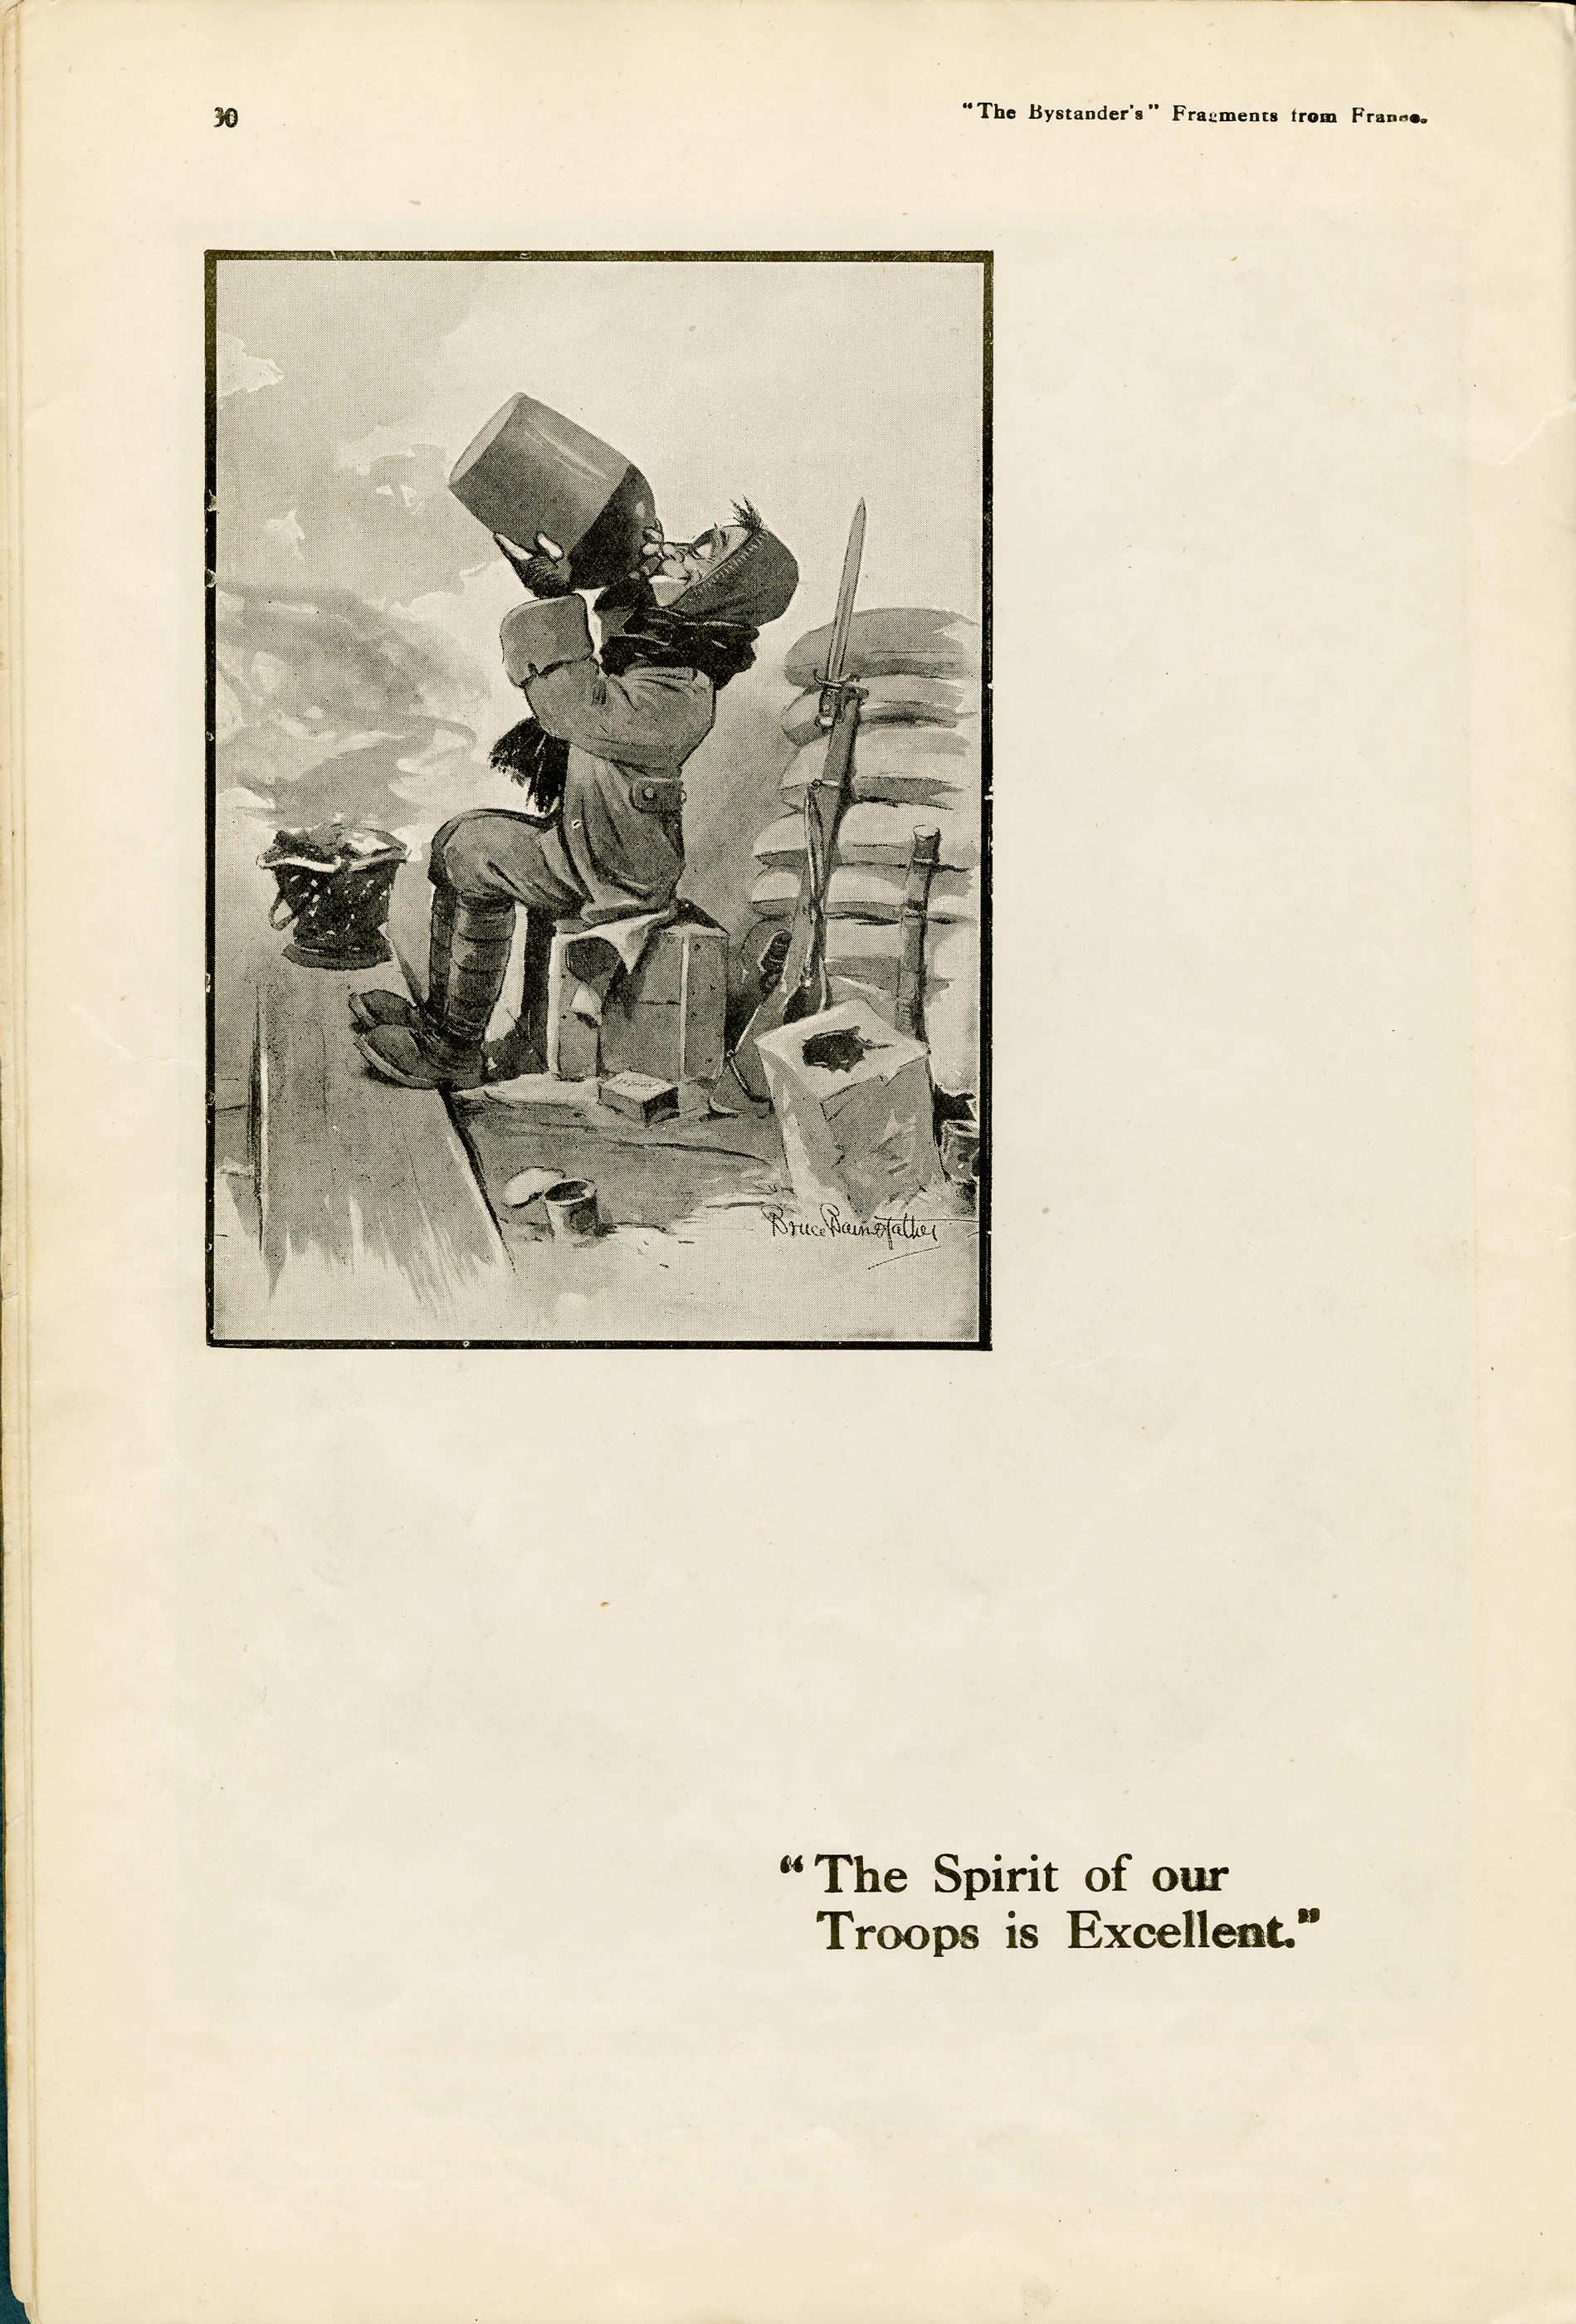 <i>«The Spirit of our Troops is excellent&#160;» (L'esprit de nos troupes est excellent)</i>